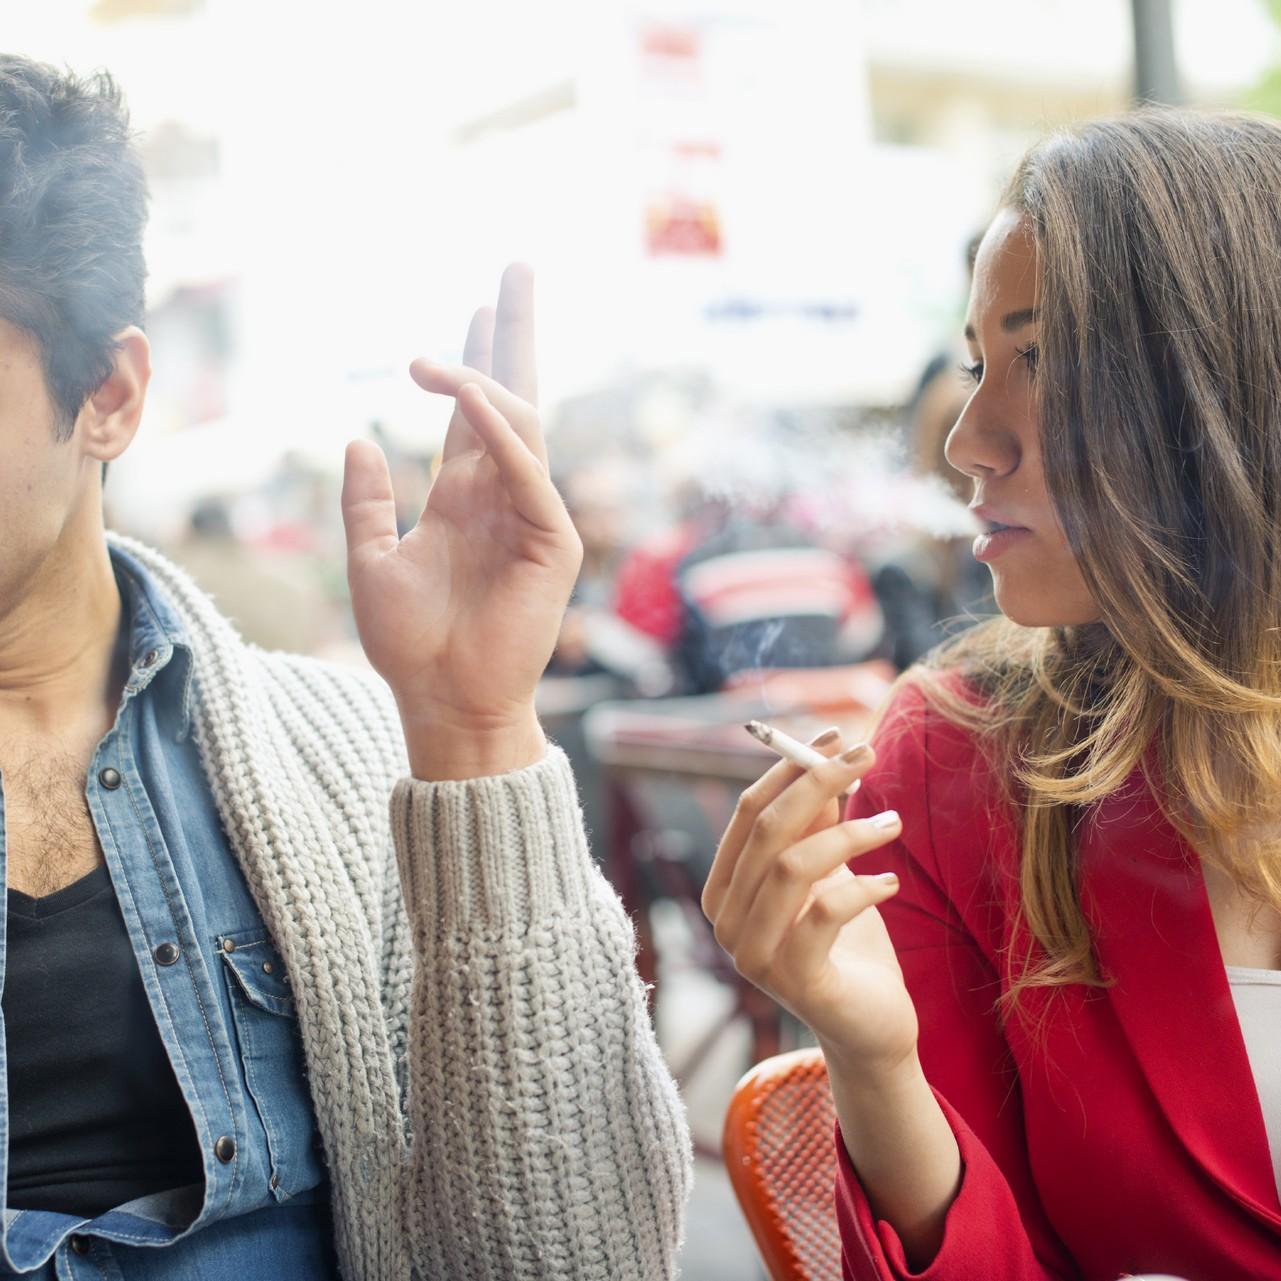 Tabac : c'est décidé, j'arrête !